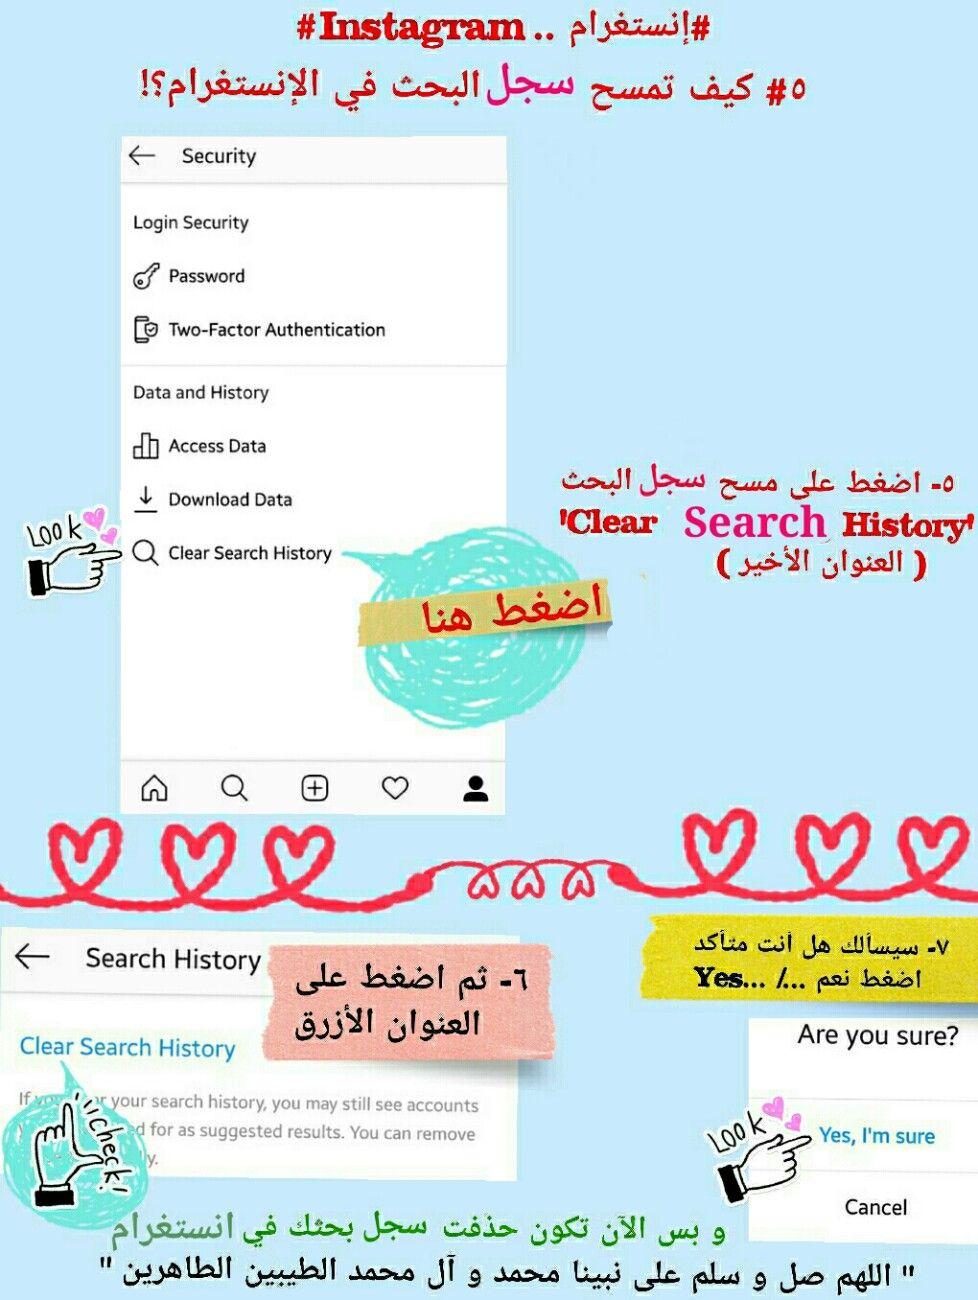 5مسح سجل البحث انستغرام Clear Sreach History Instagram Clear Search History Downloading Data Instagram